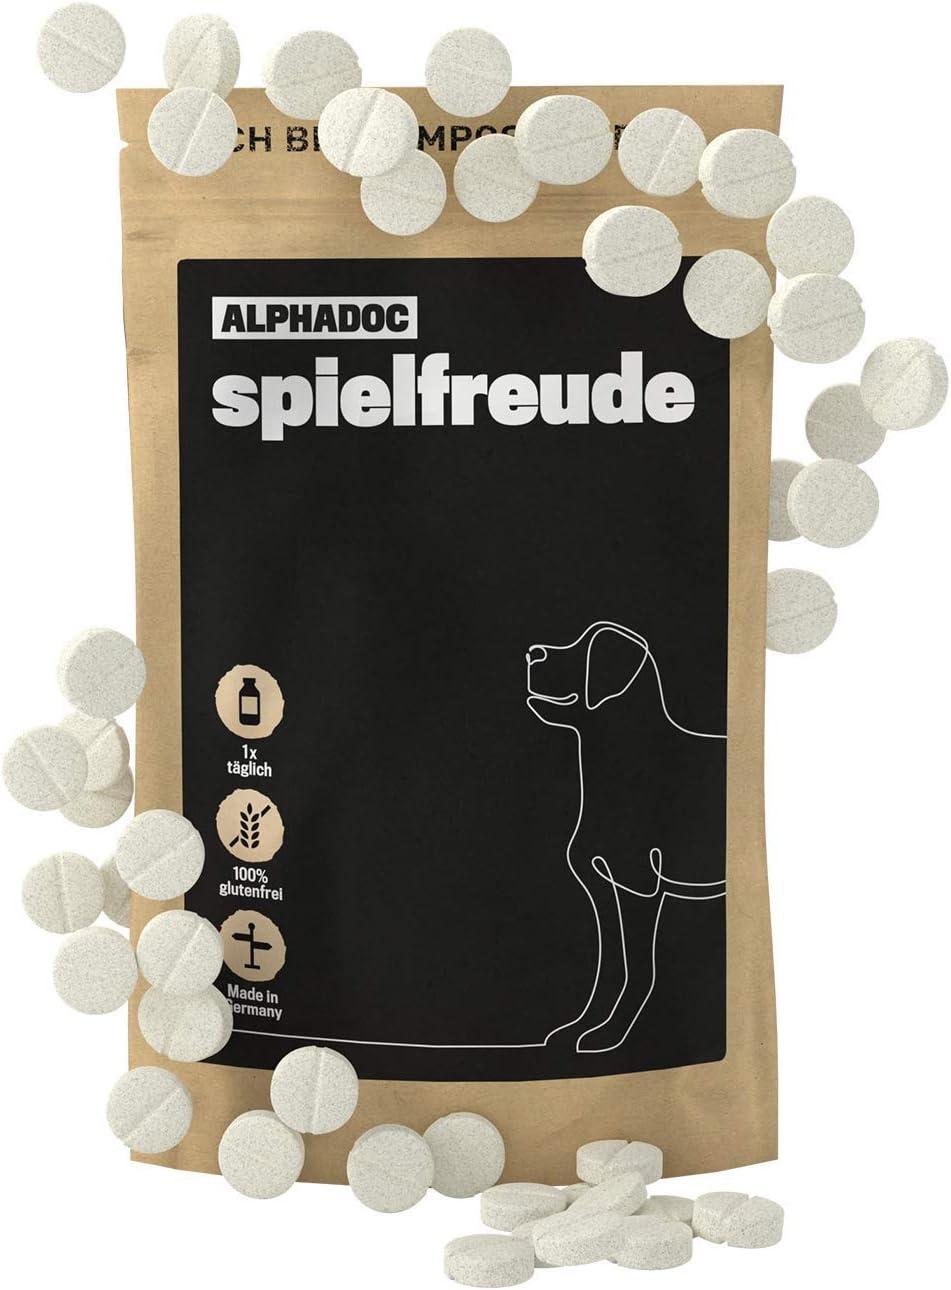 alphazoo spielfreude - Pastillas articuladas para perros, alegría de movimiento y movilidad, alivia el dolor, corteza de sauce, garra del diablo